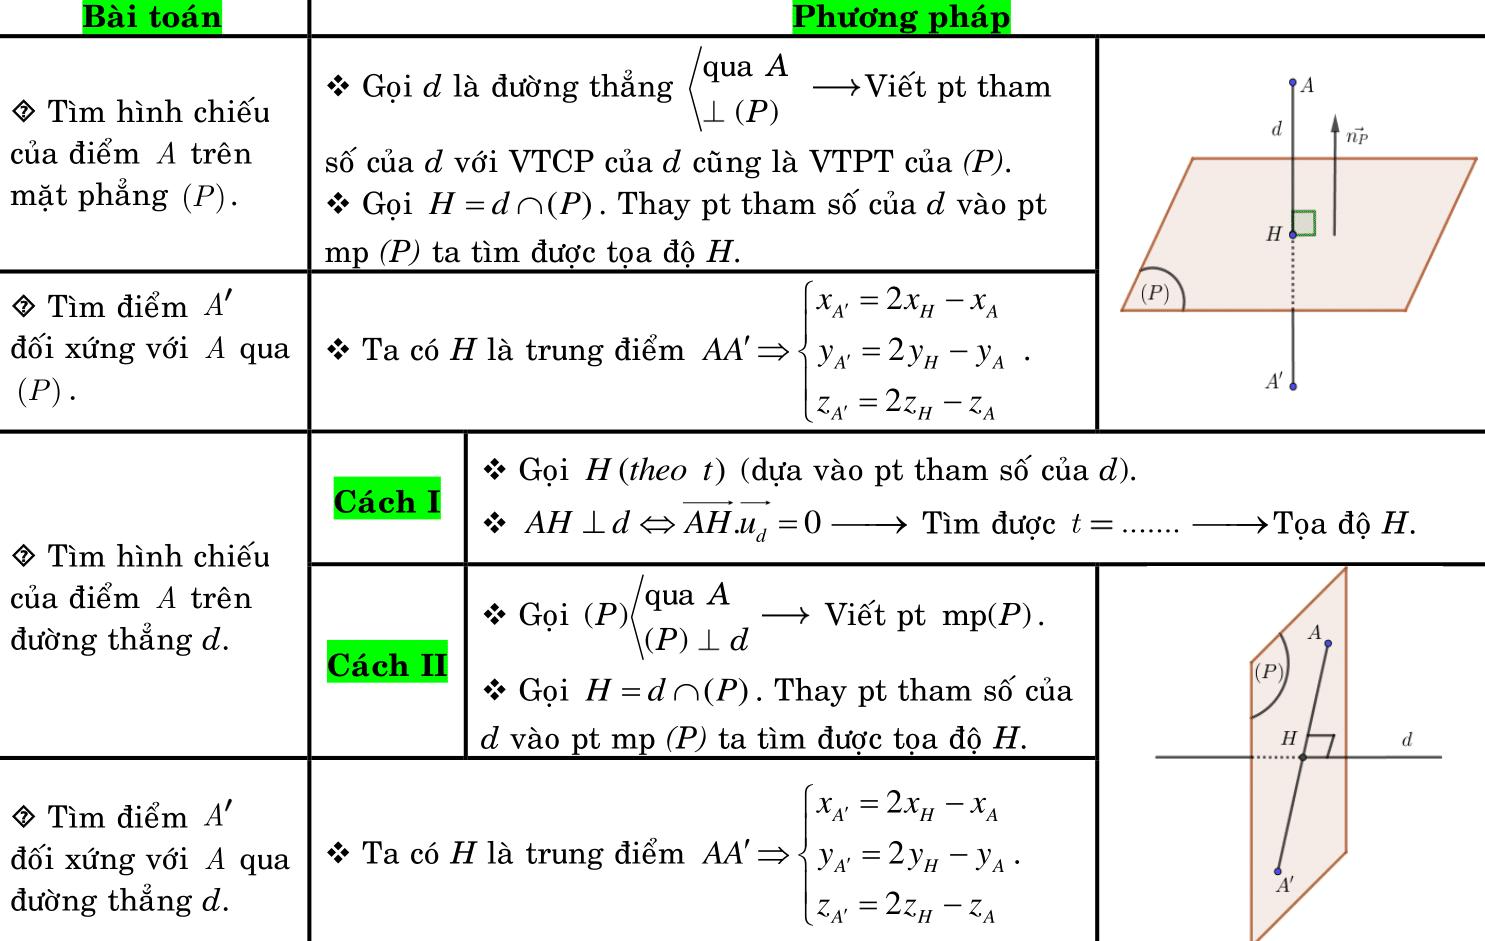 Hình chiếu và điểm đối xứng